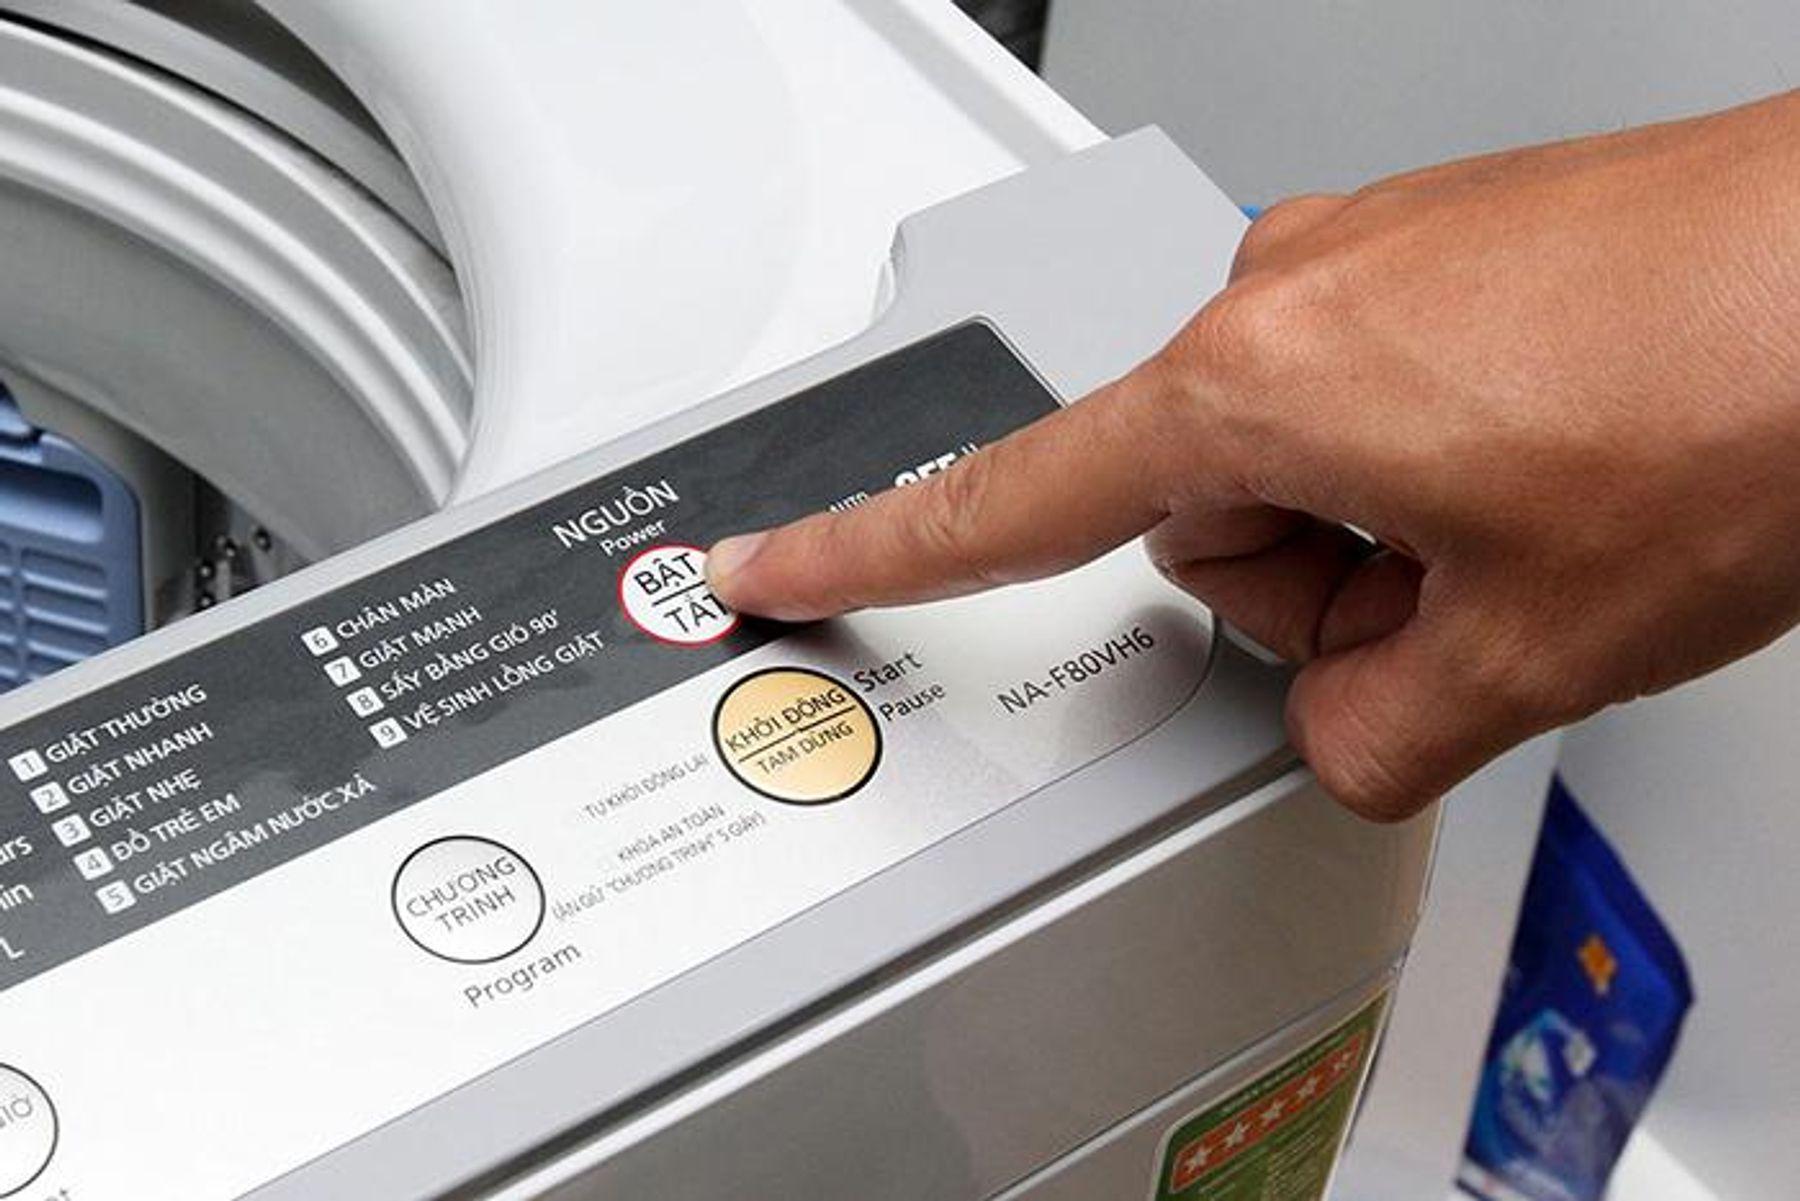 Sử dụng máy giặt, máy rửa bát tối đa công thức